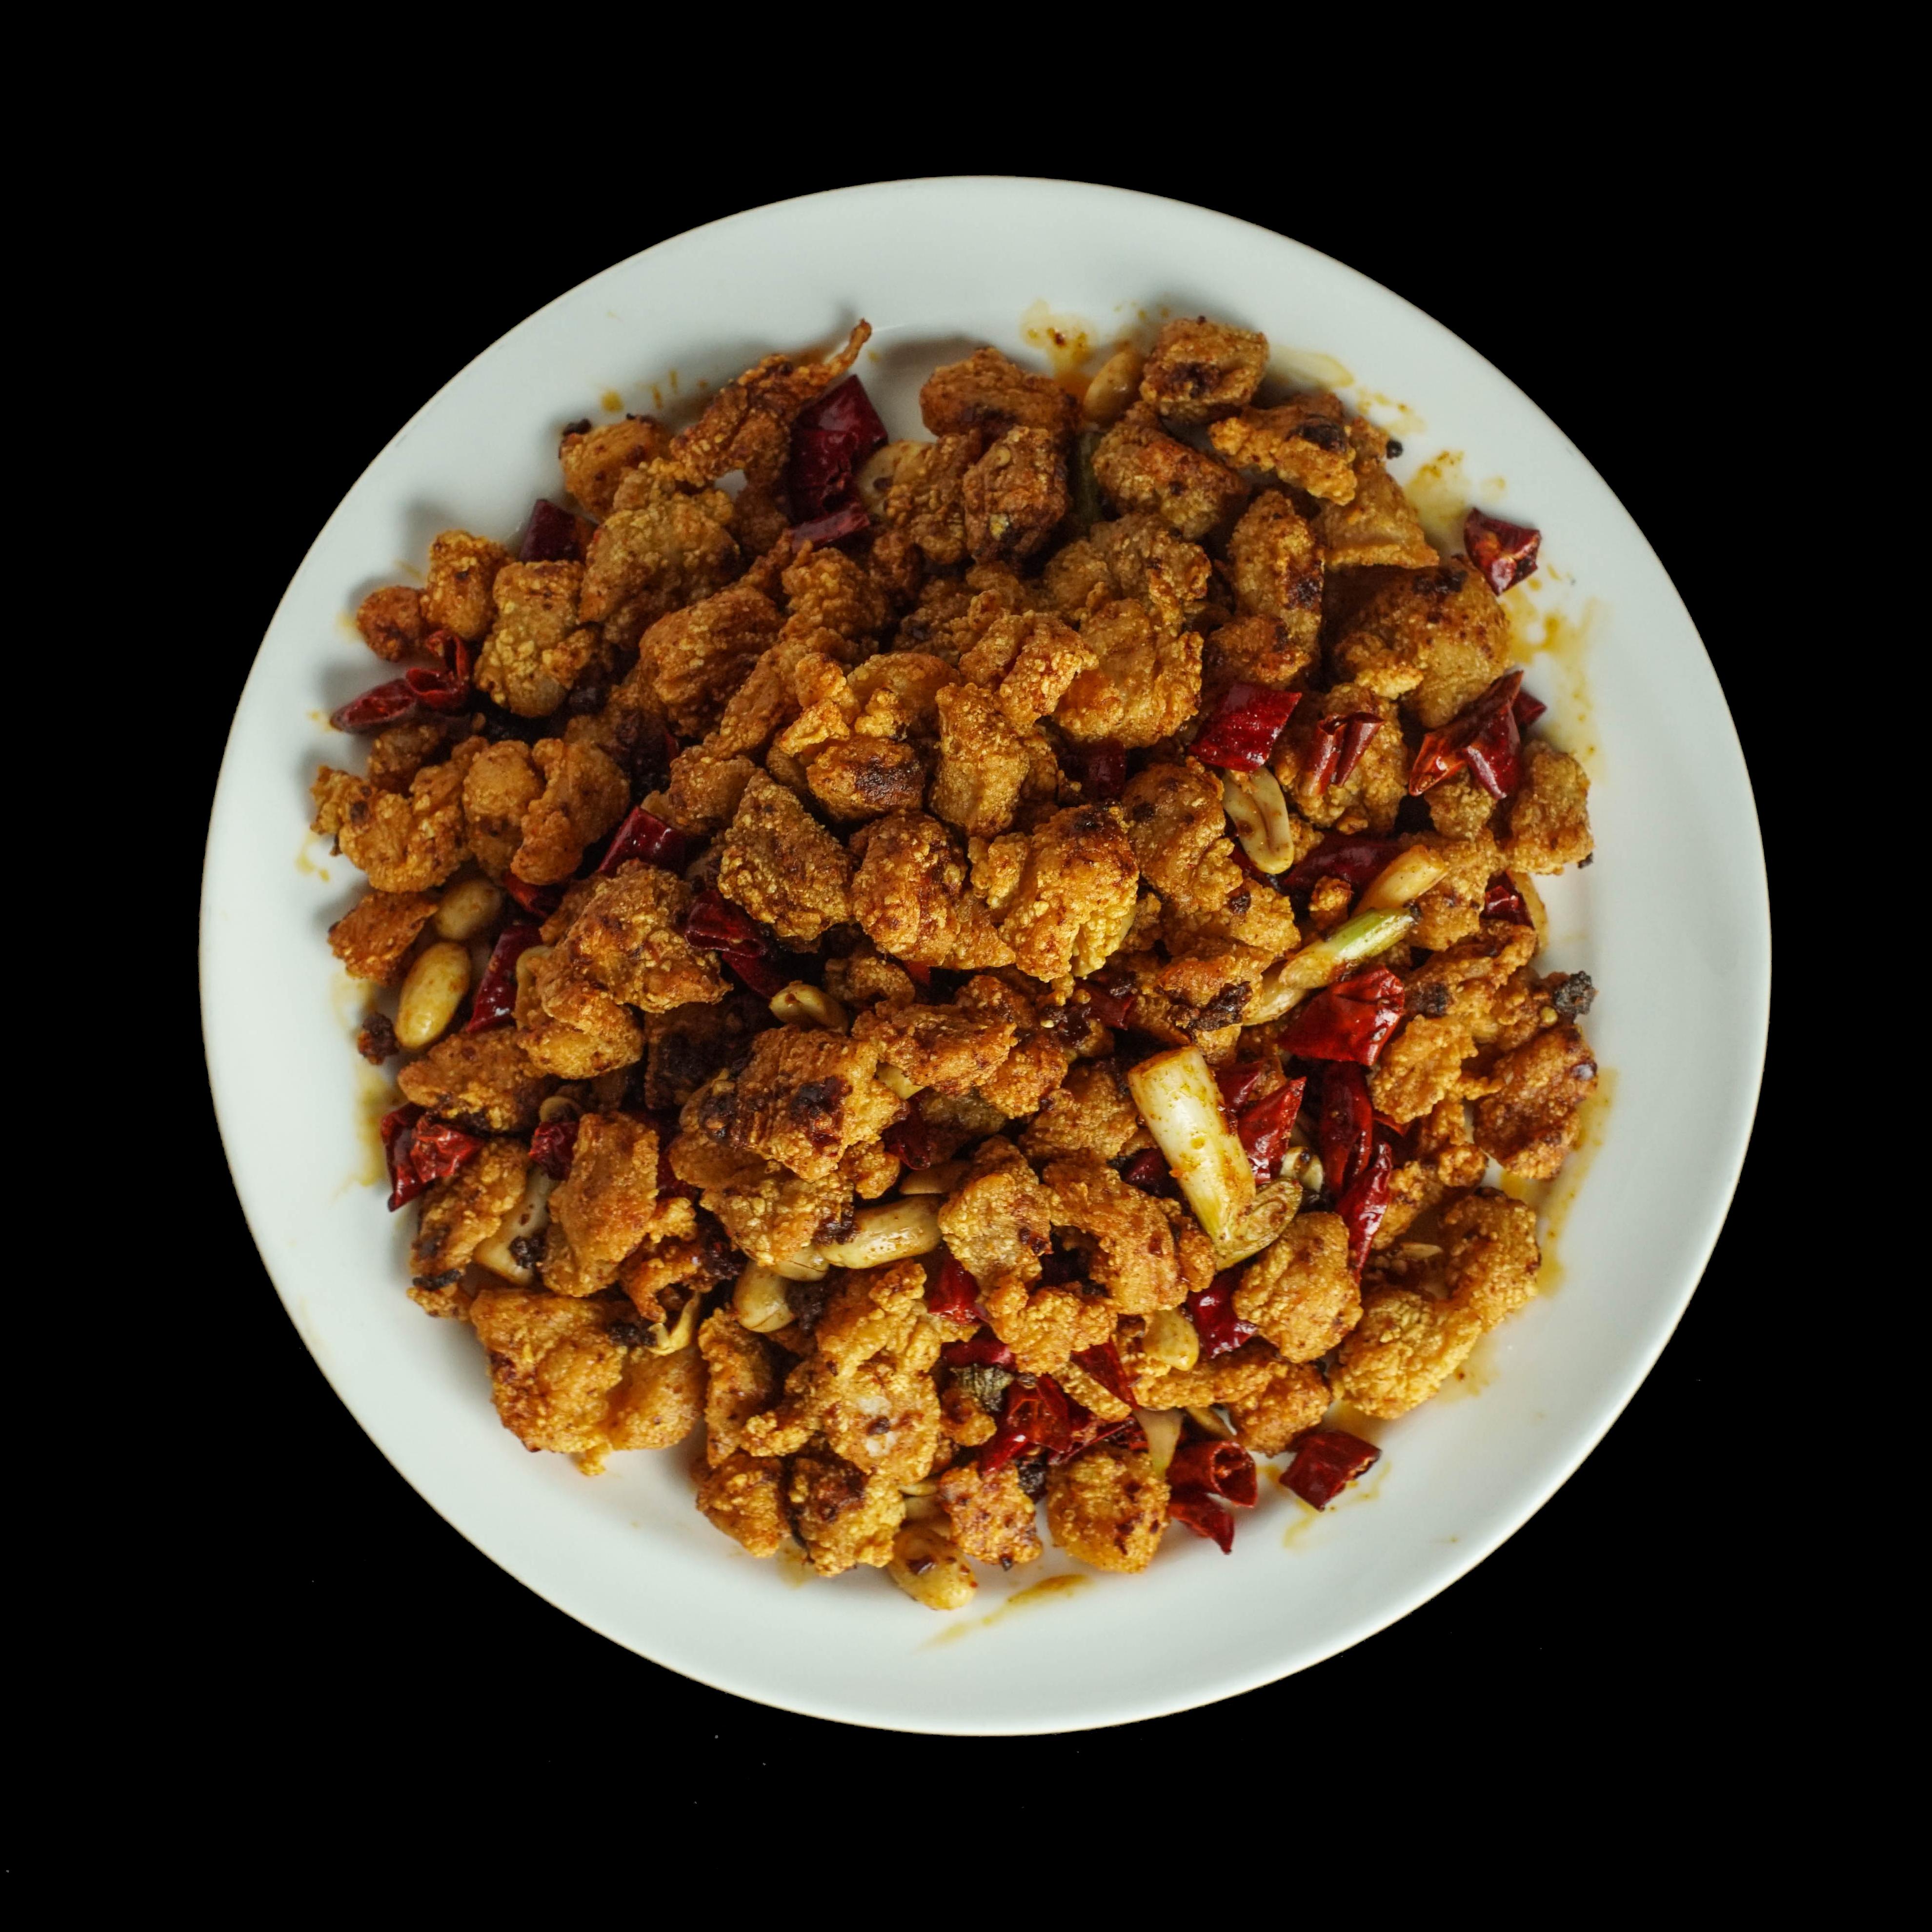 85. 干爆辣子鸡 Hot Chili Popcorn Deep Fried Chicken Image